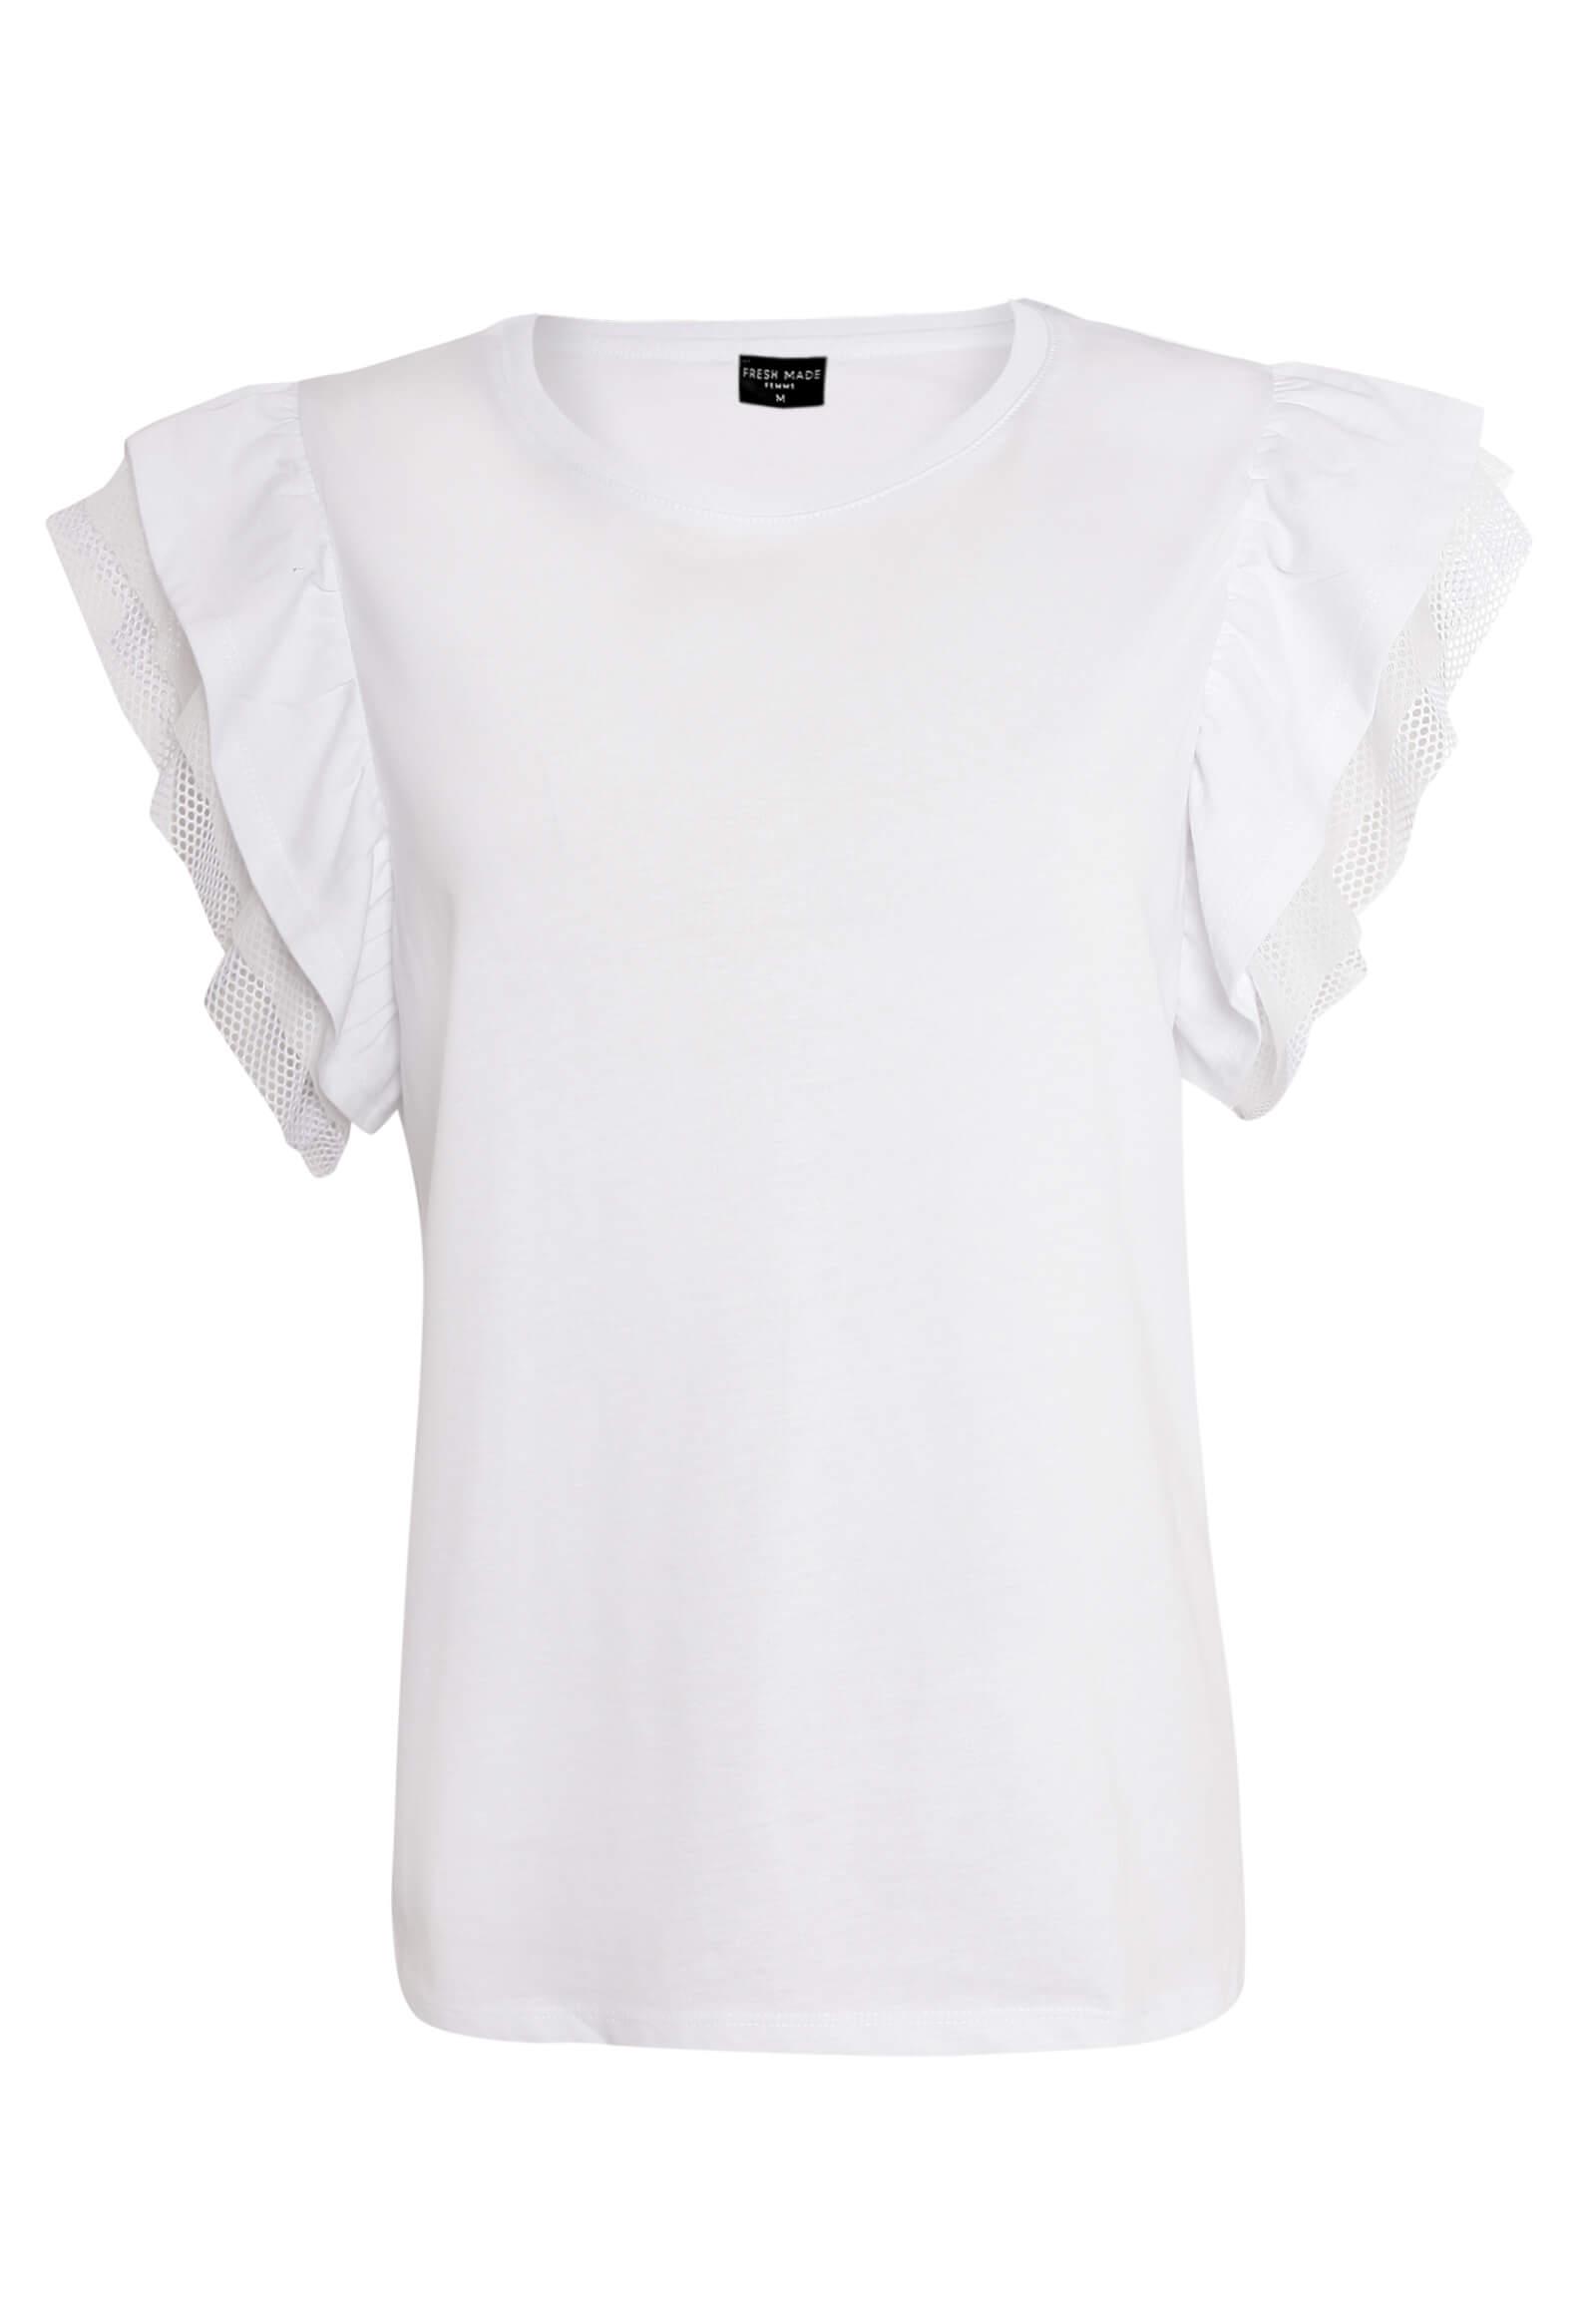 Weißes T-Shirt mit Volant-Ärmeln